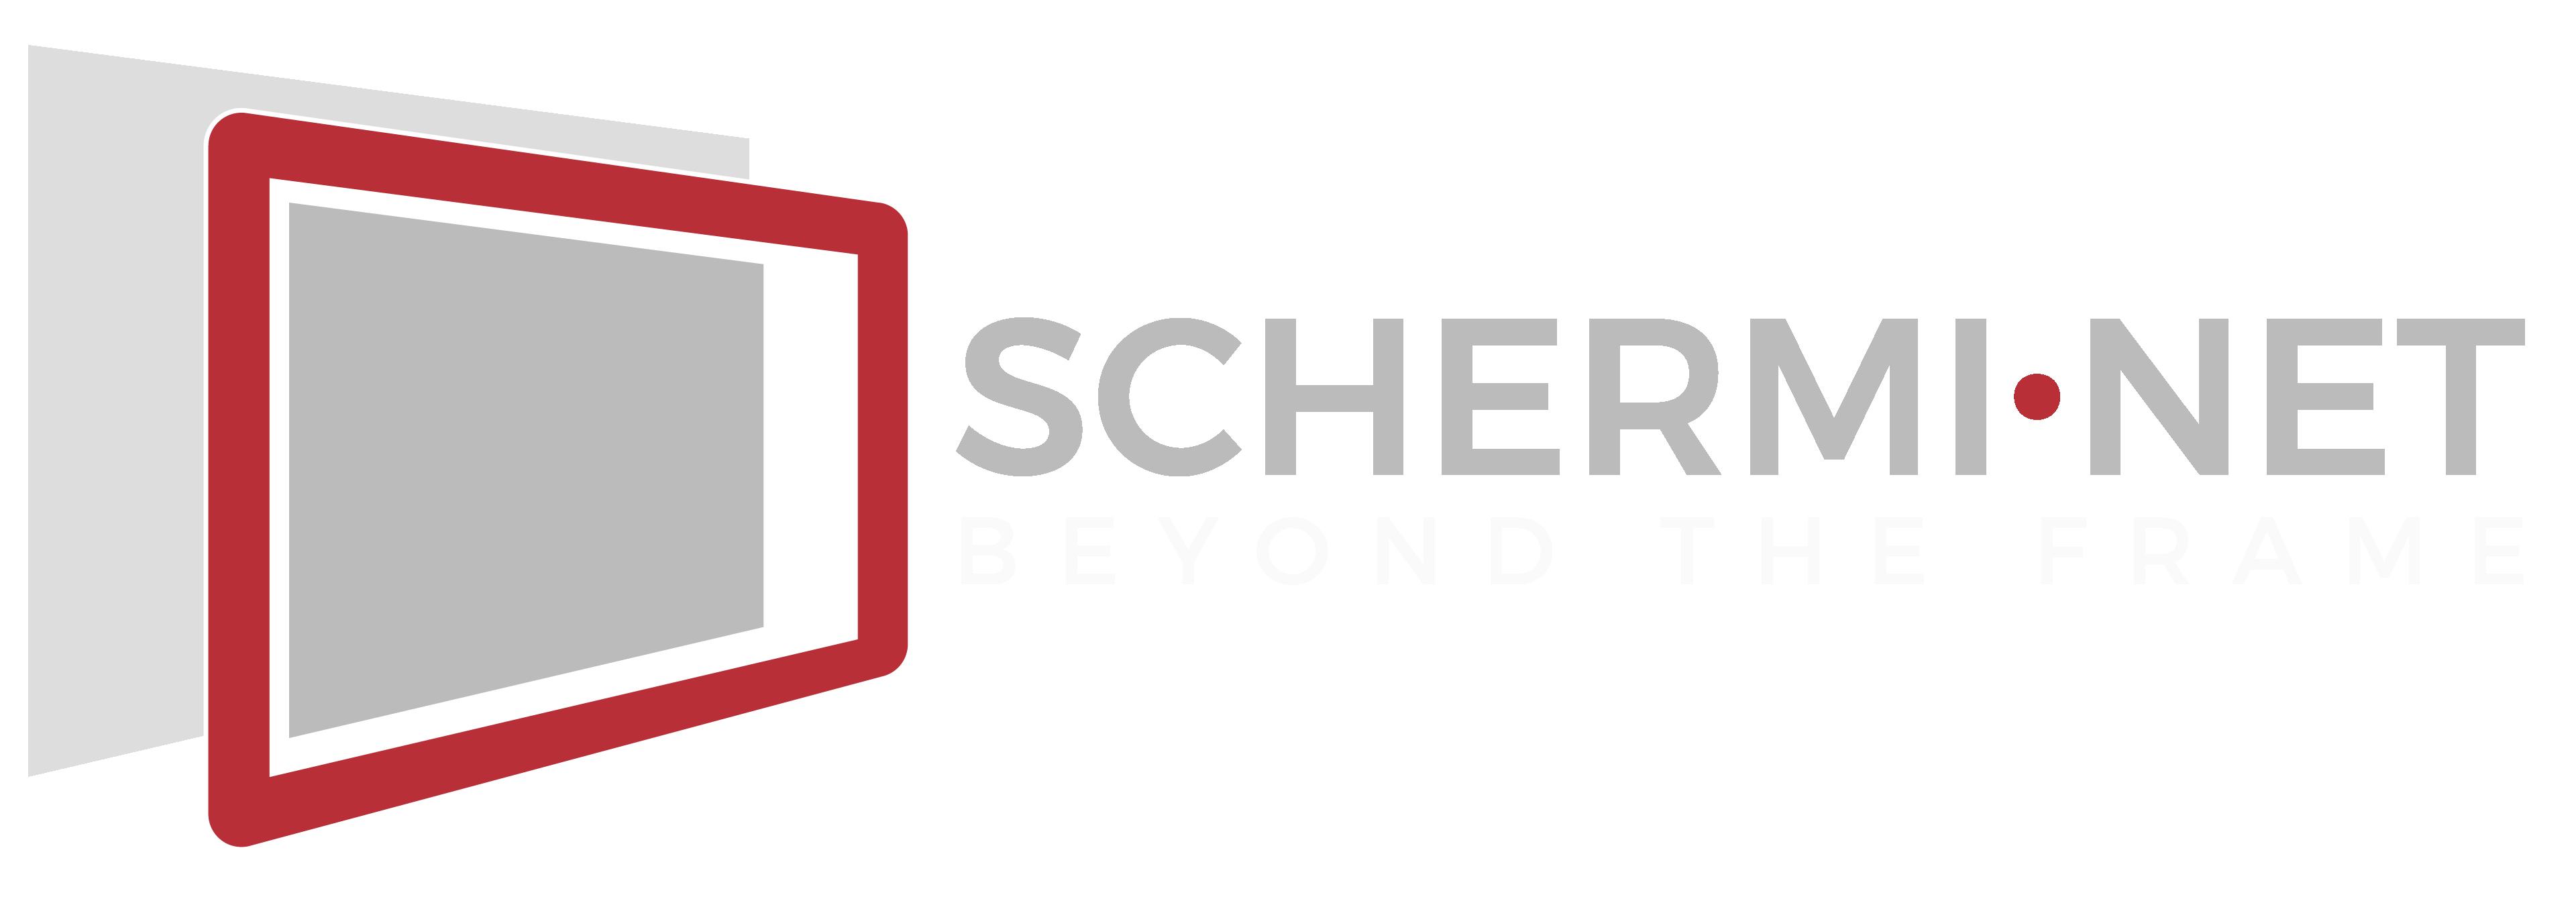 Schermi.net